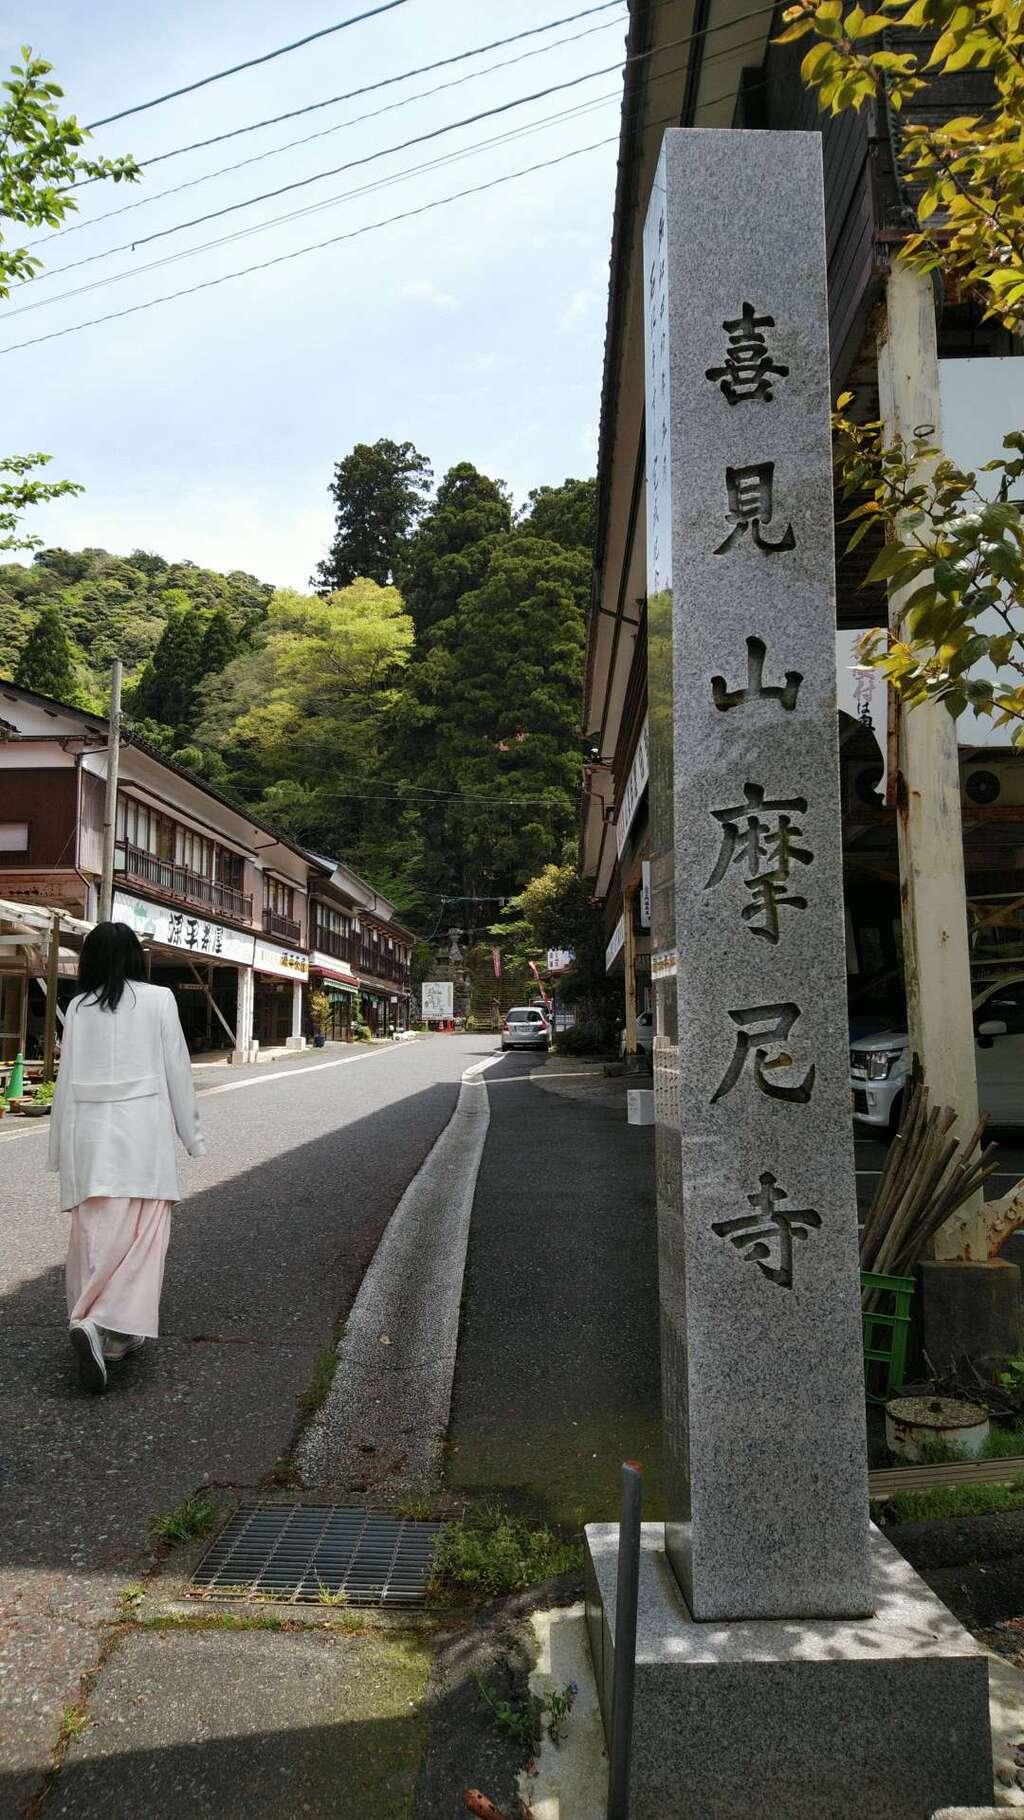 摩尼寺(鳥取県)